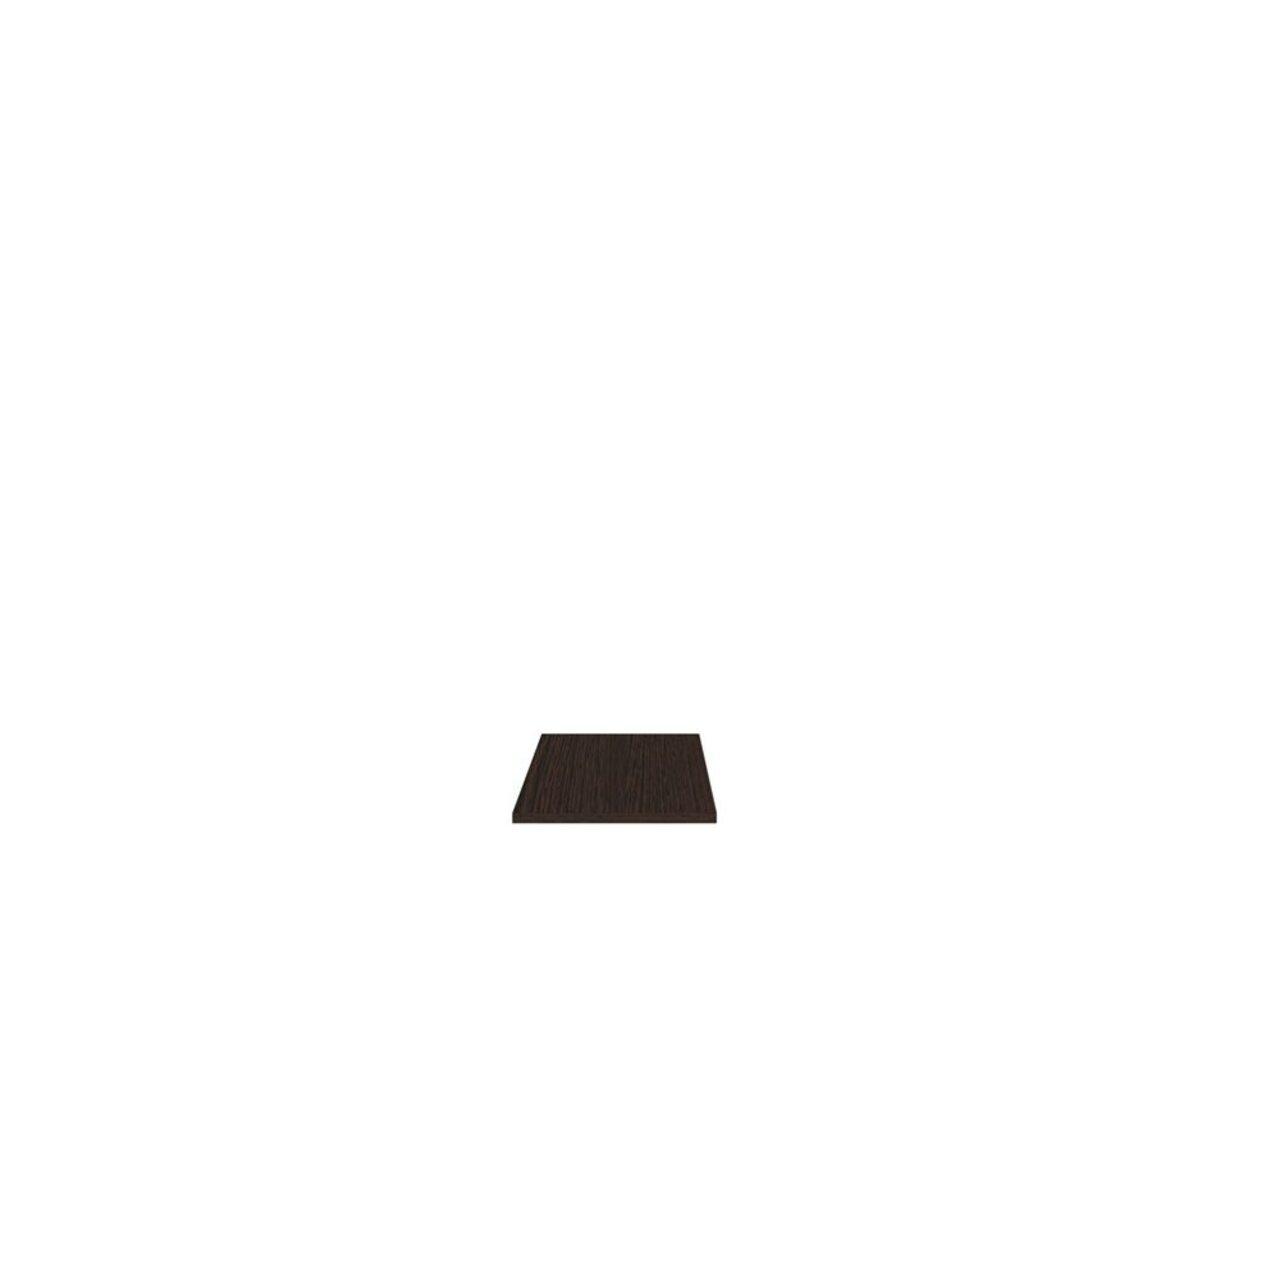 Топ декоративный для стеллажей  Бонд 132x46x4 - фото 4